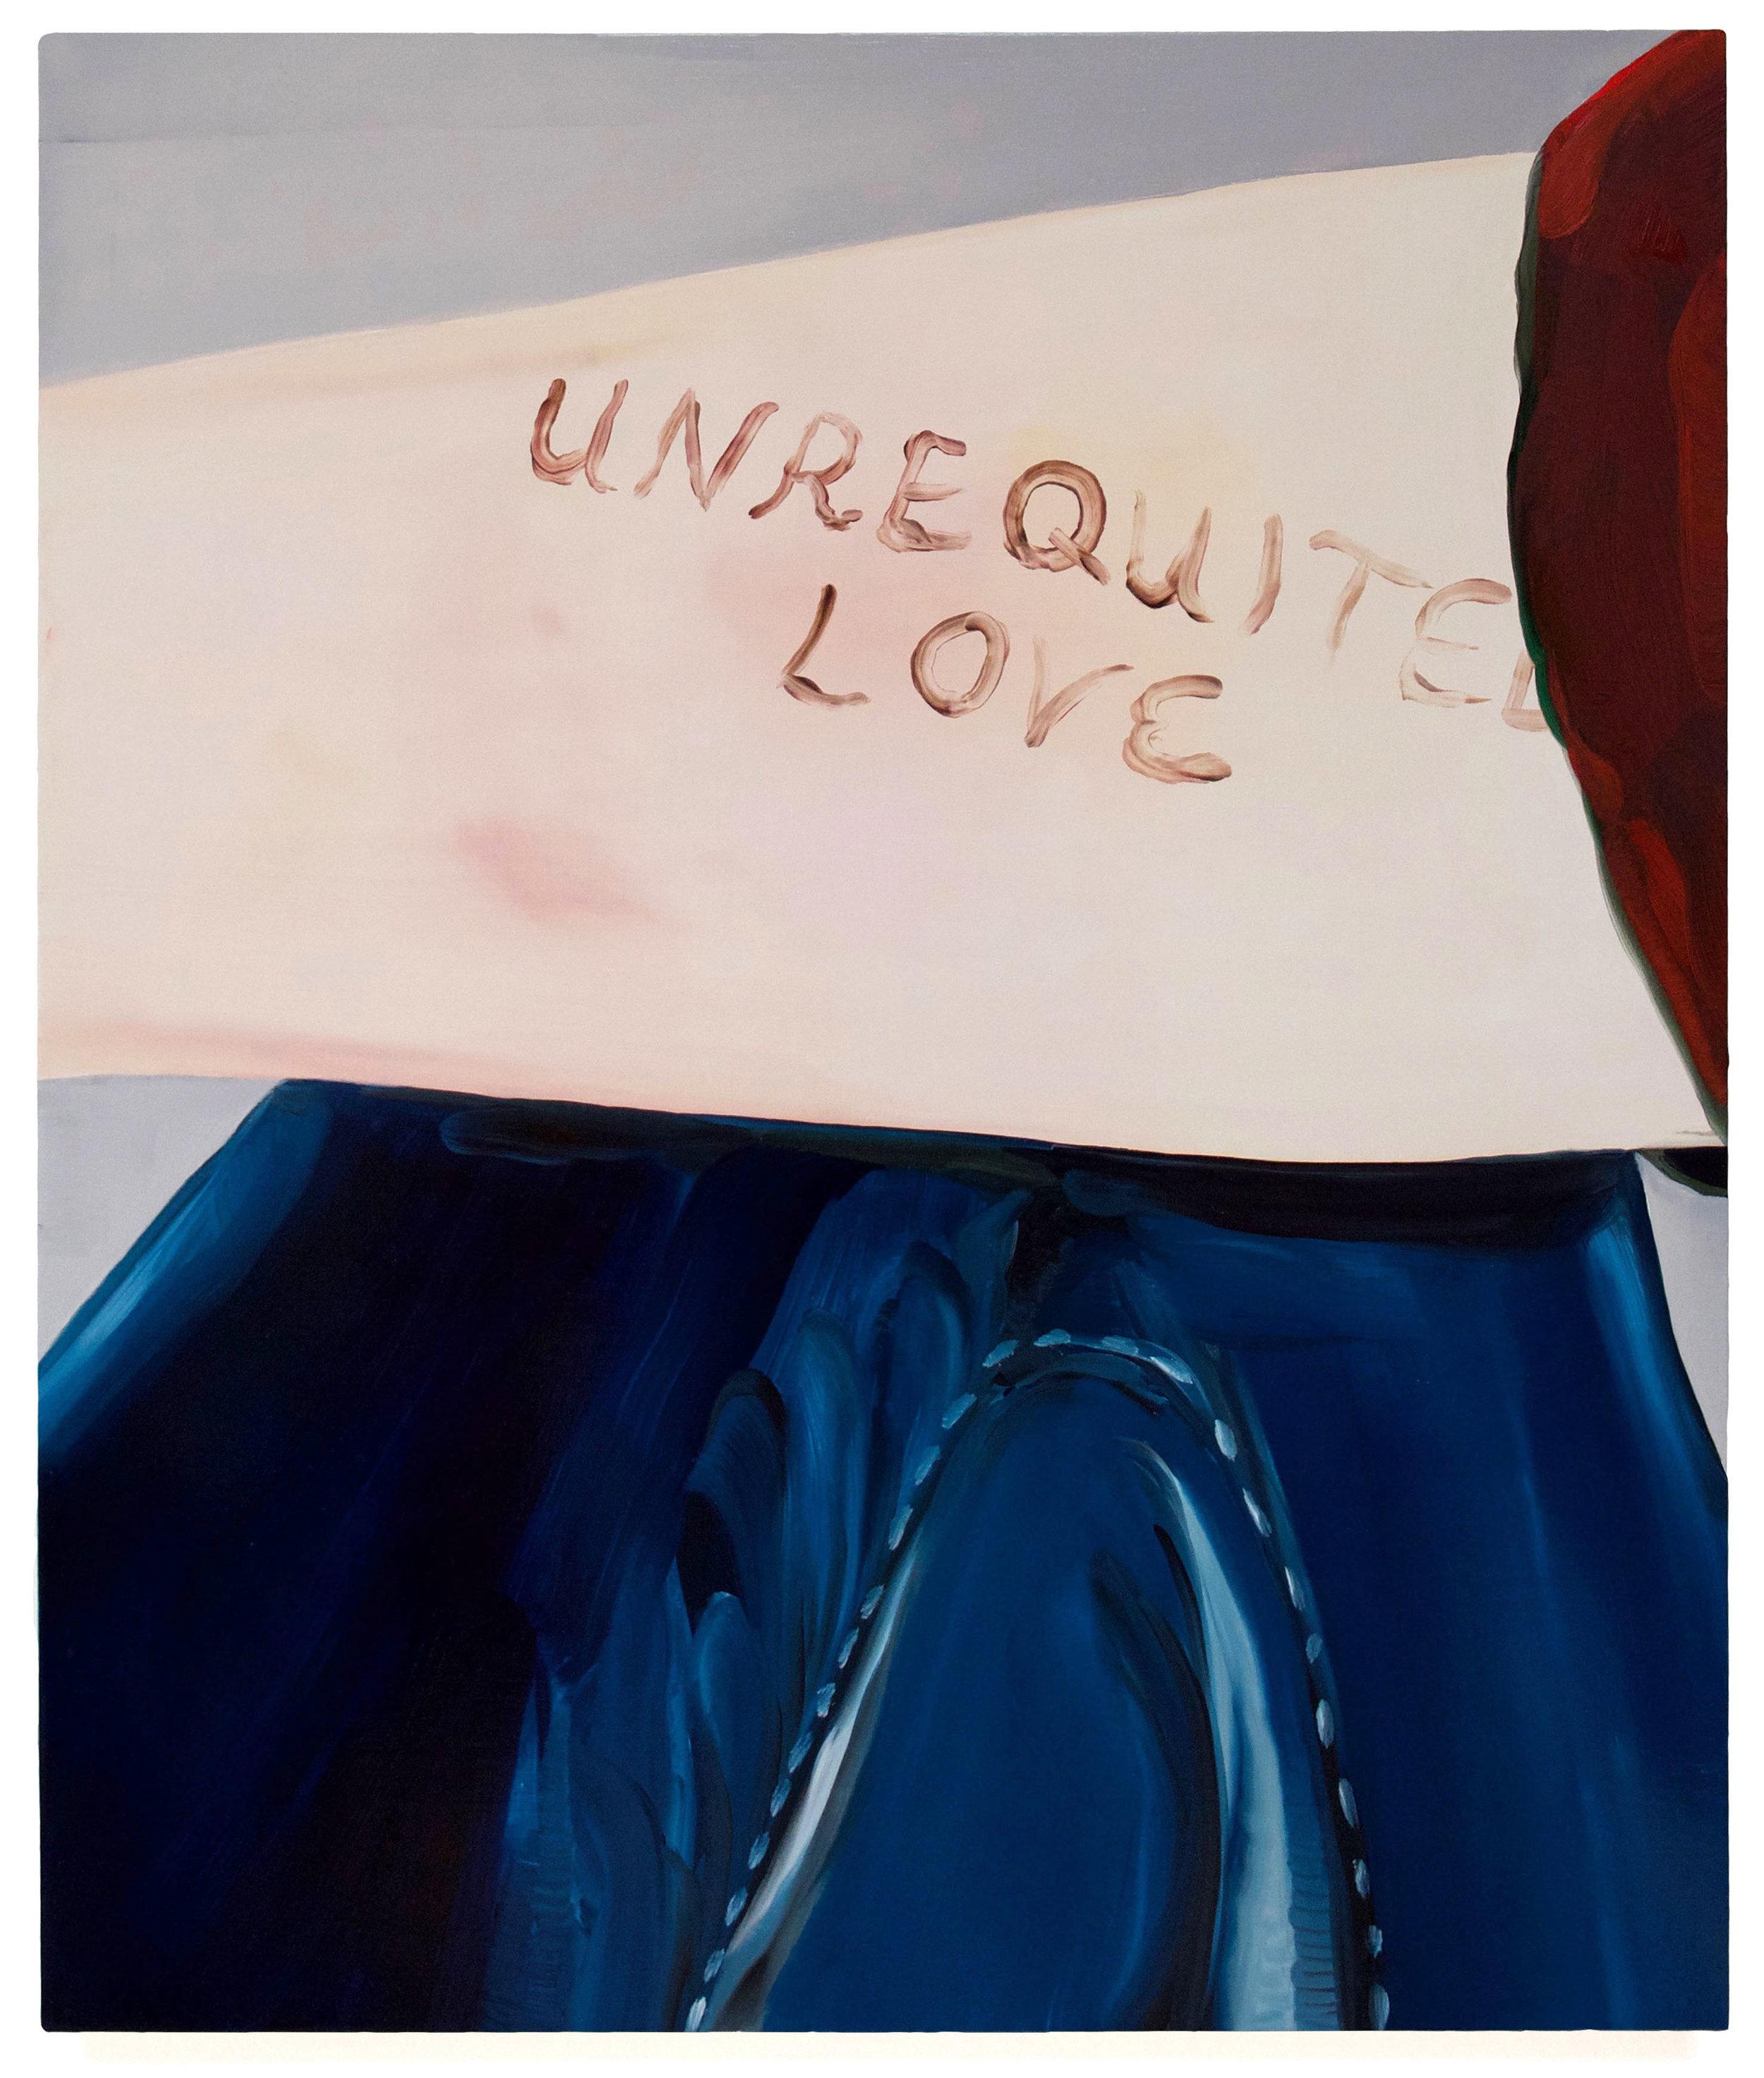 Unrequited Love, Denim Jeans_50x60cm.jpg